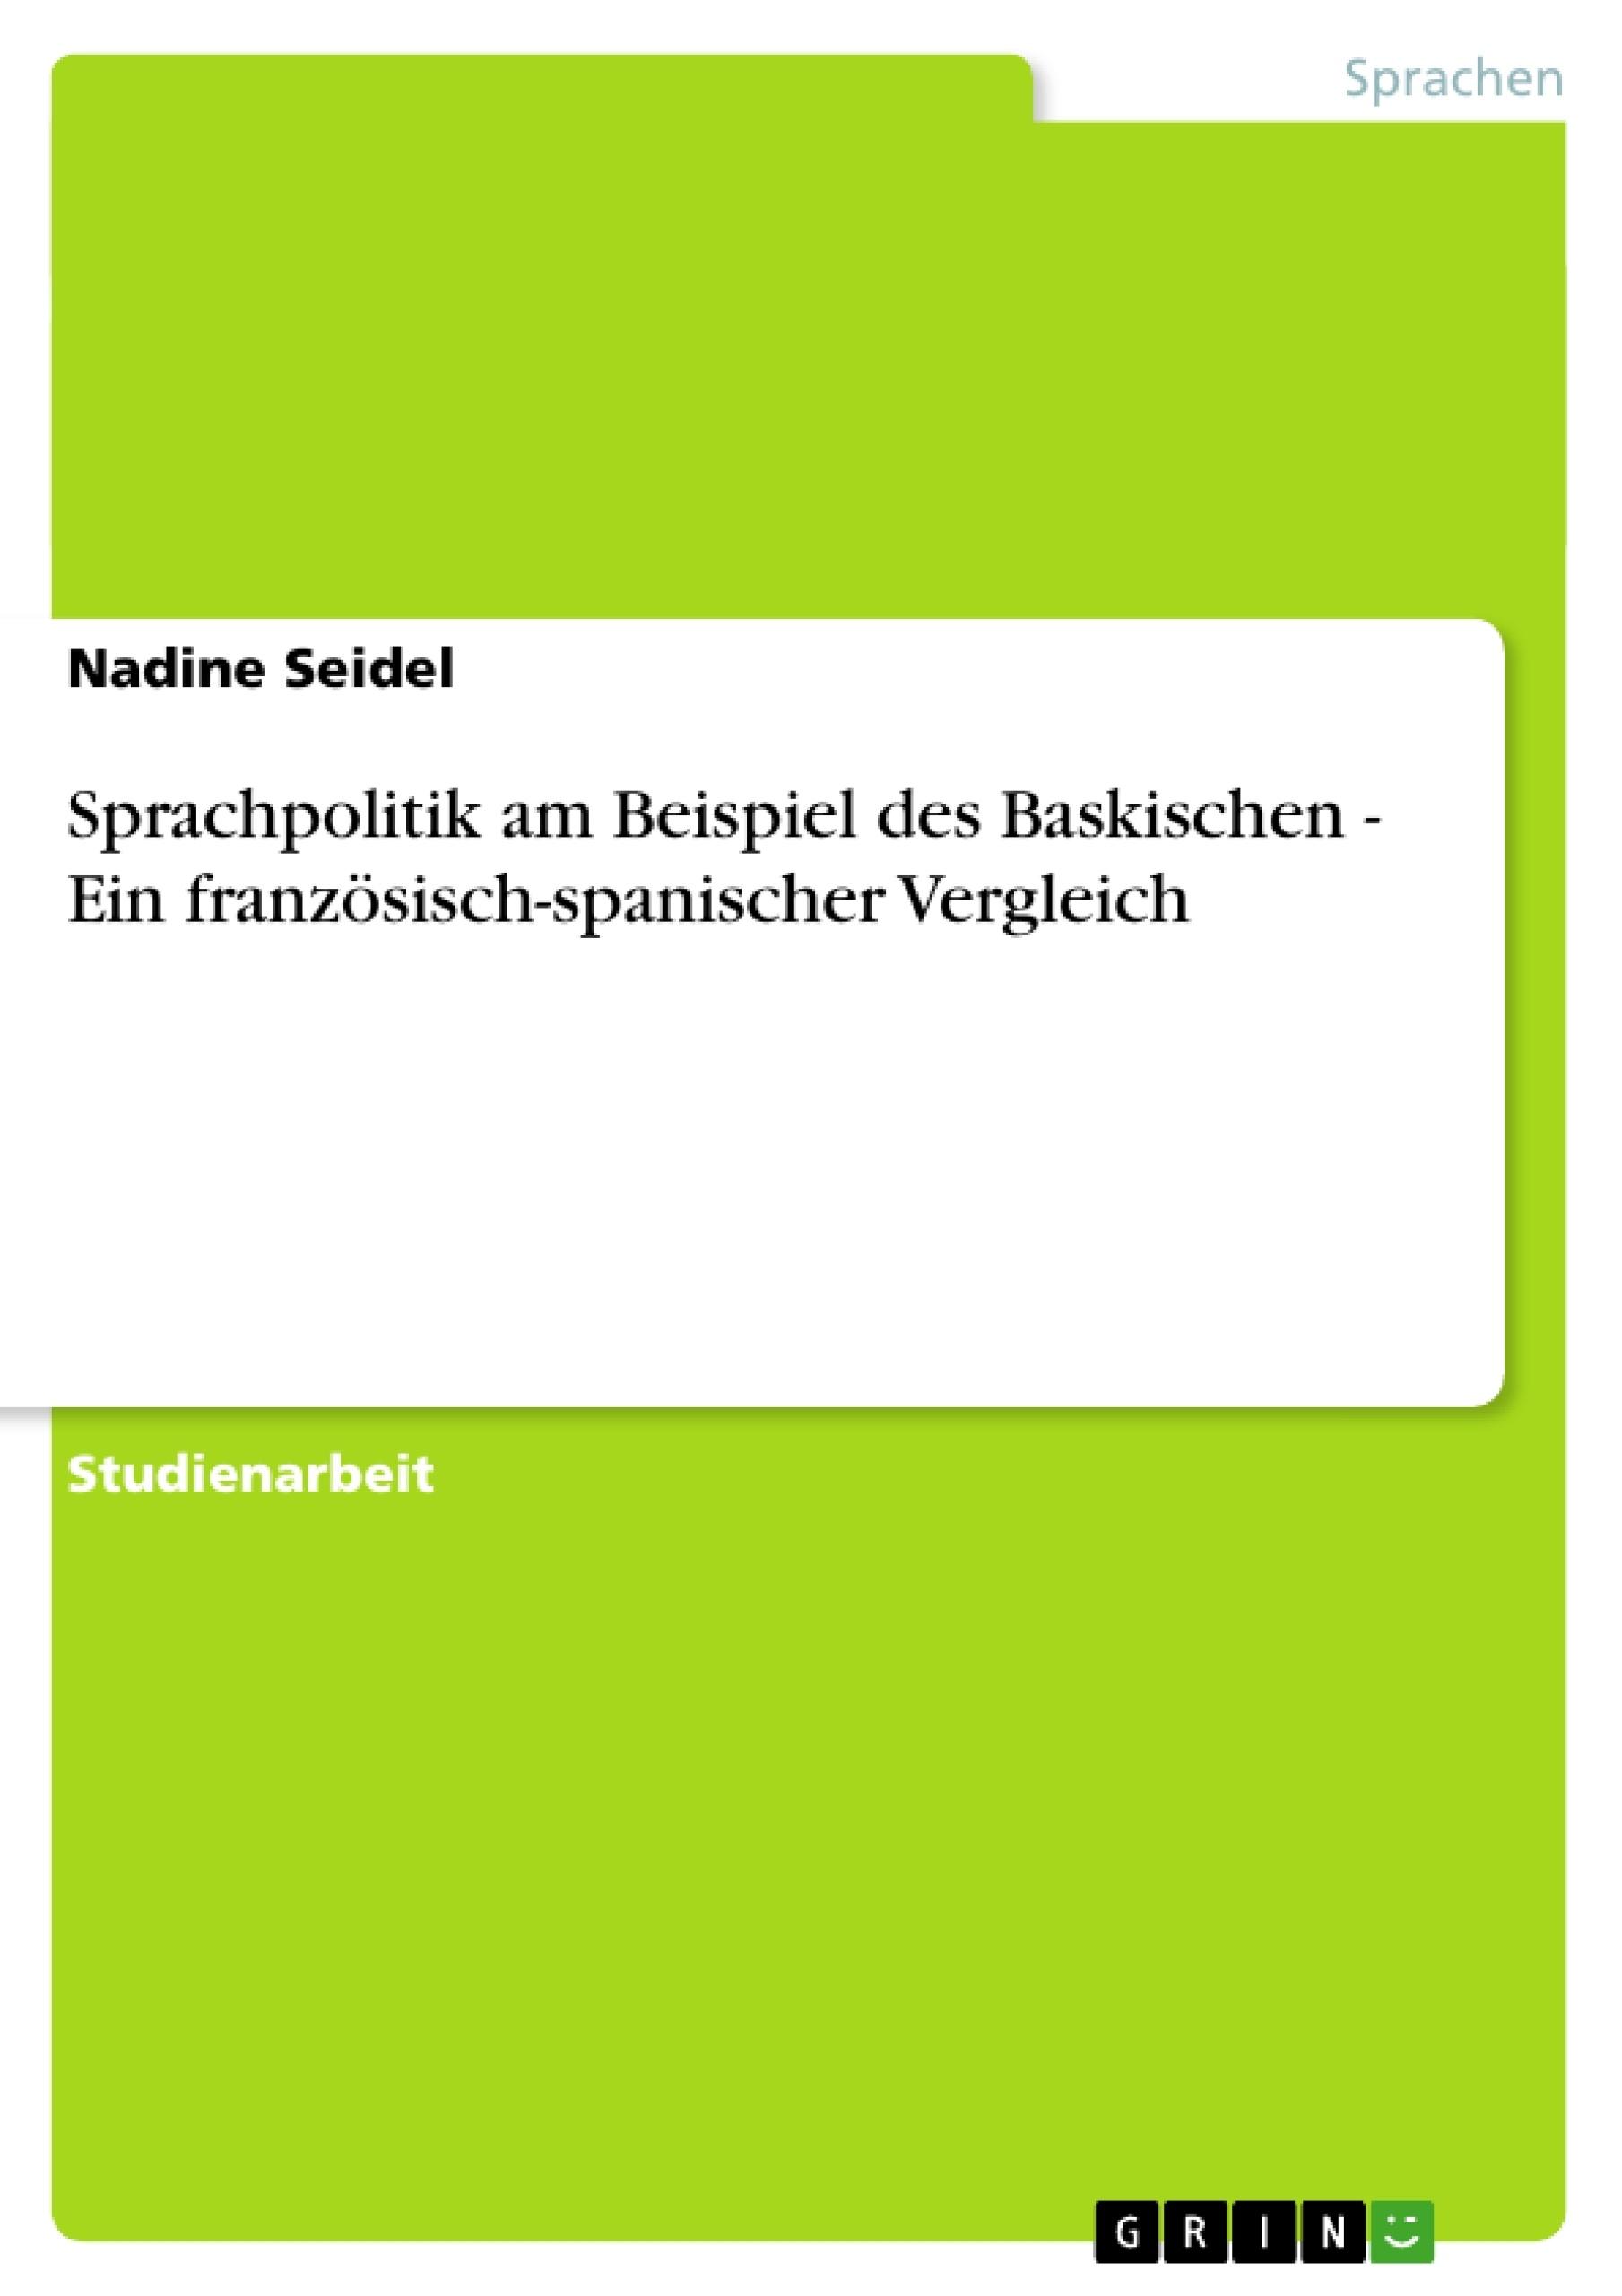 Titel: Sprachpolitik am Beispiel des Baskischen - Ein französisch-spanischer Vergleich